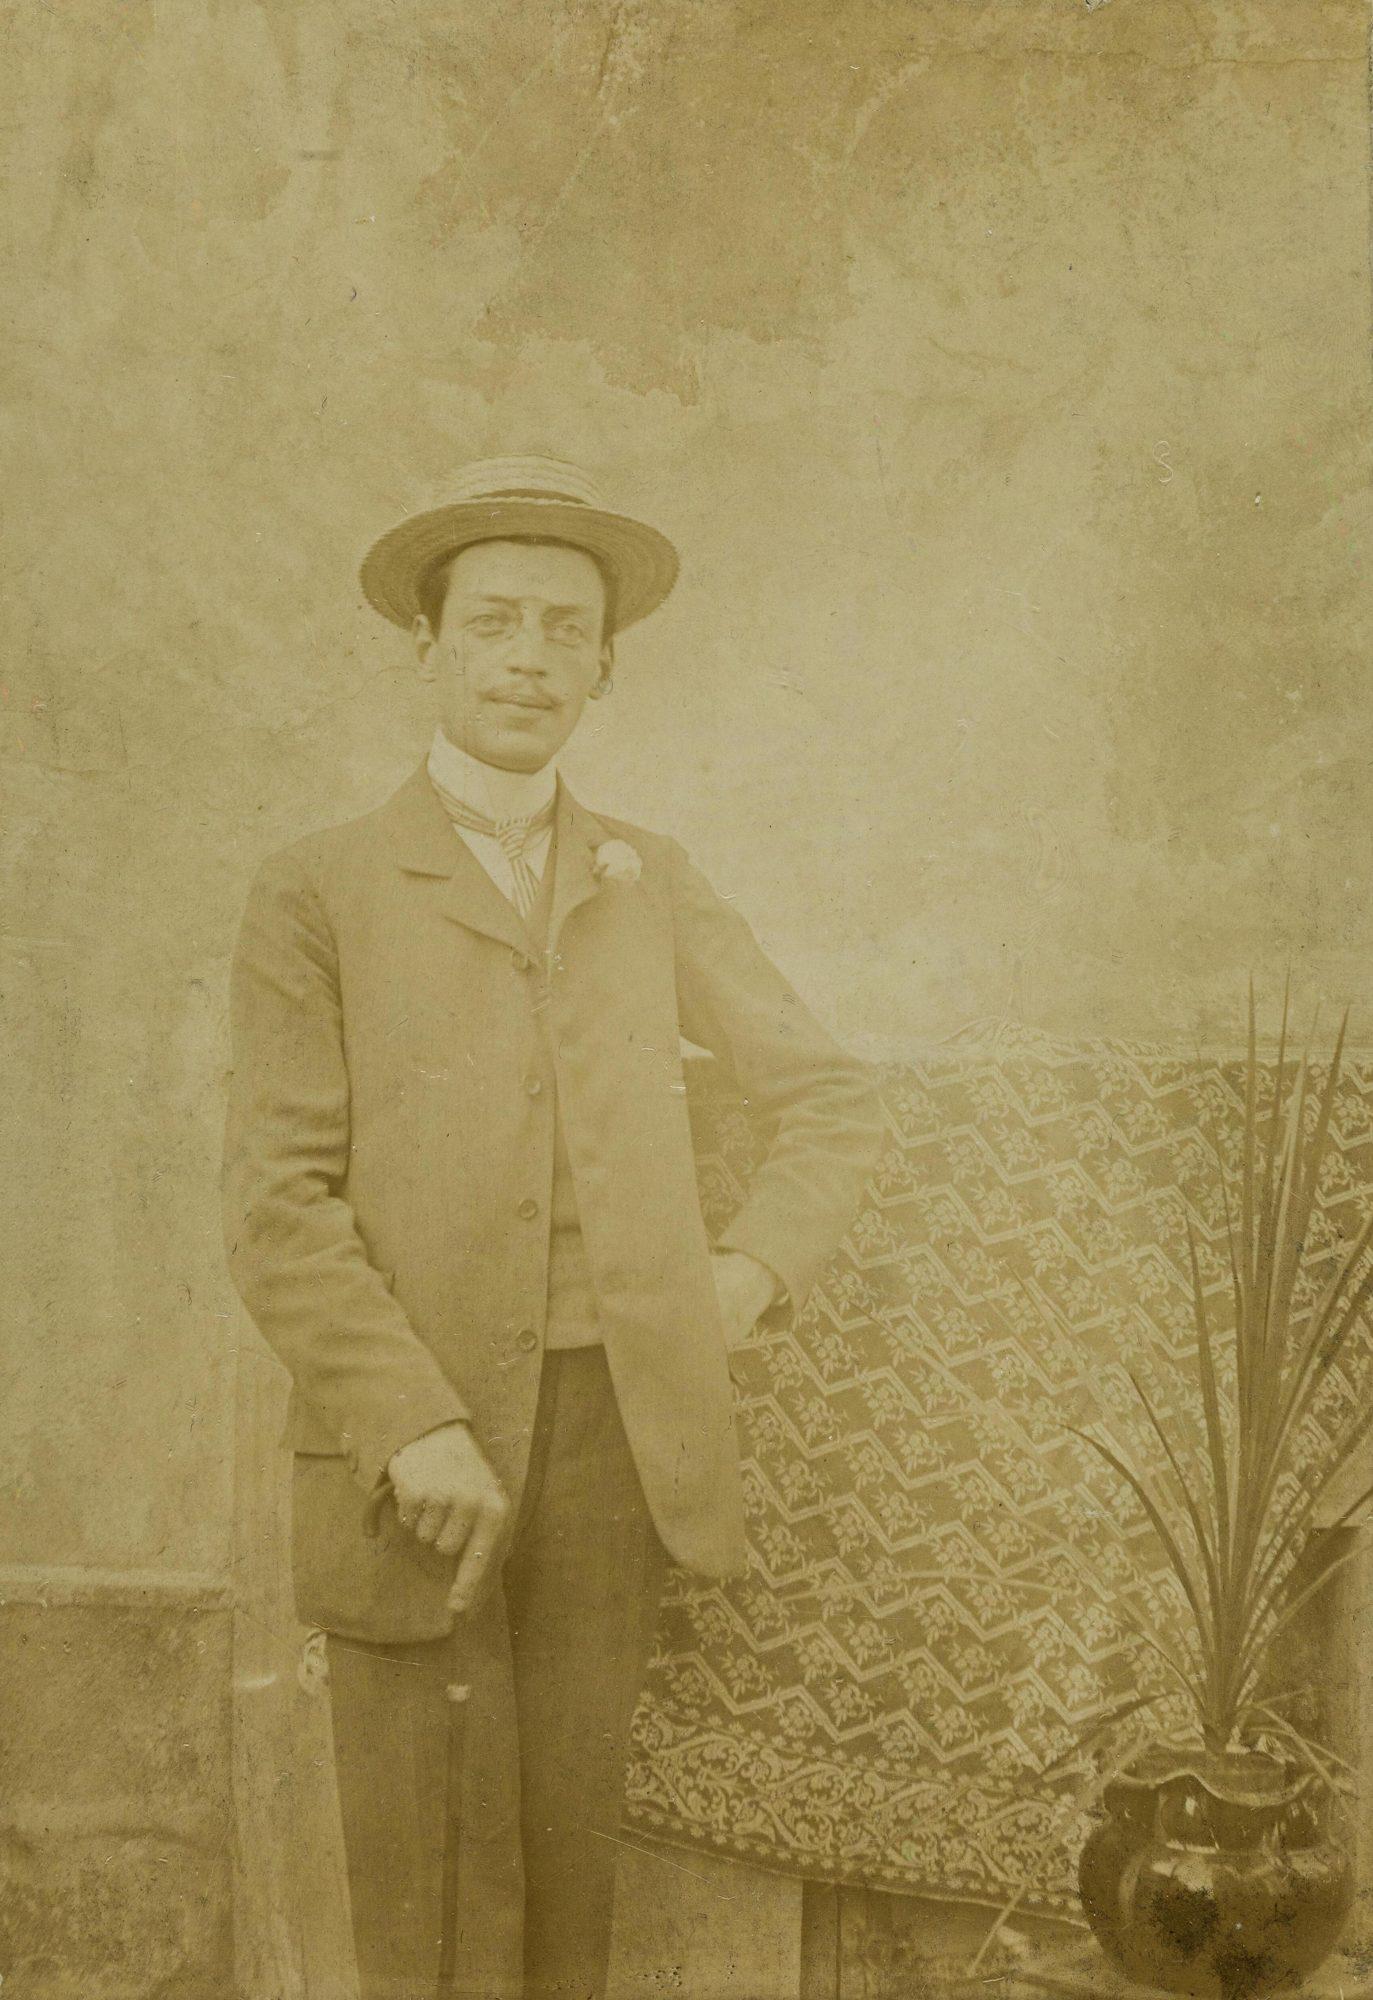 Le frère de Melanie, Emmanuel Reizes, 1900